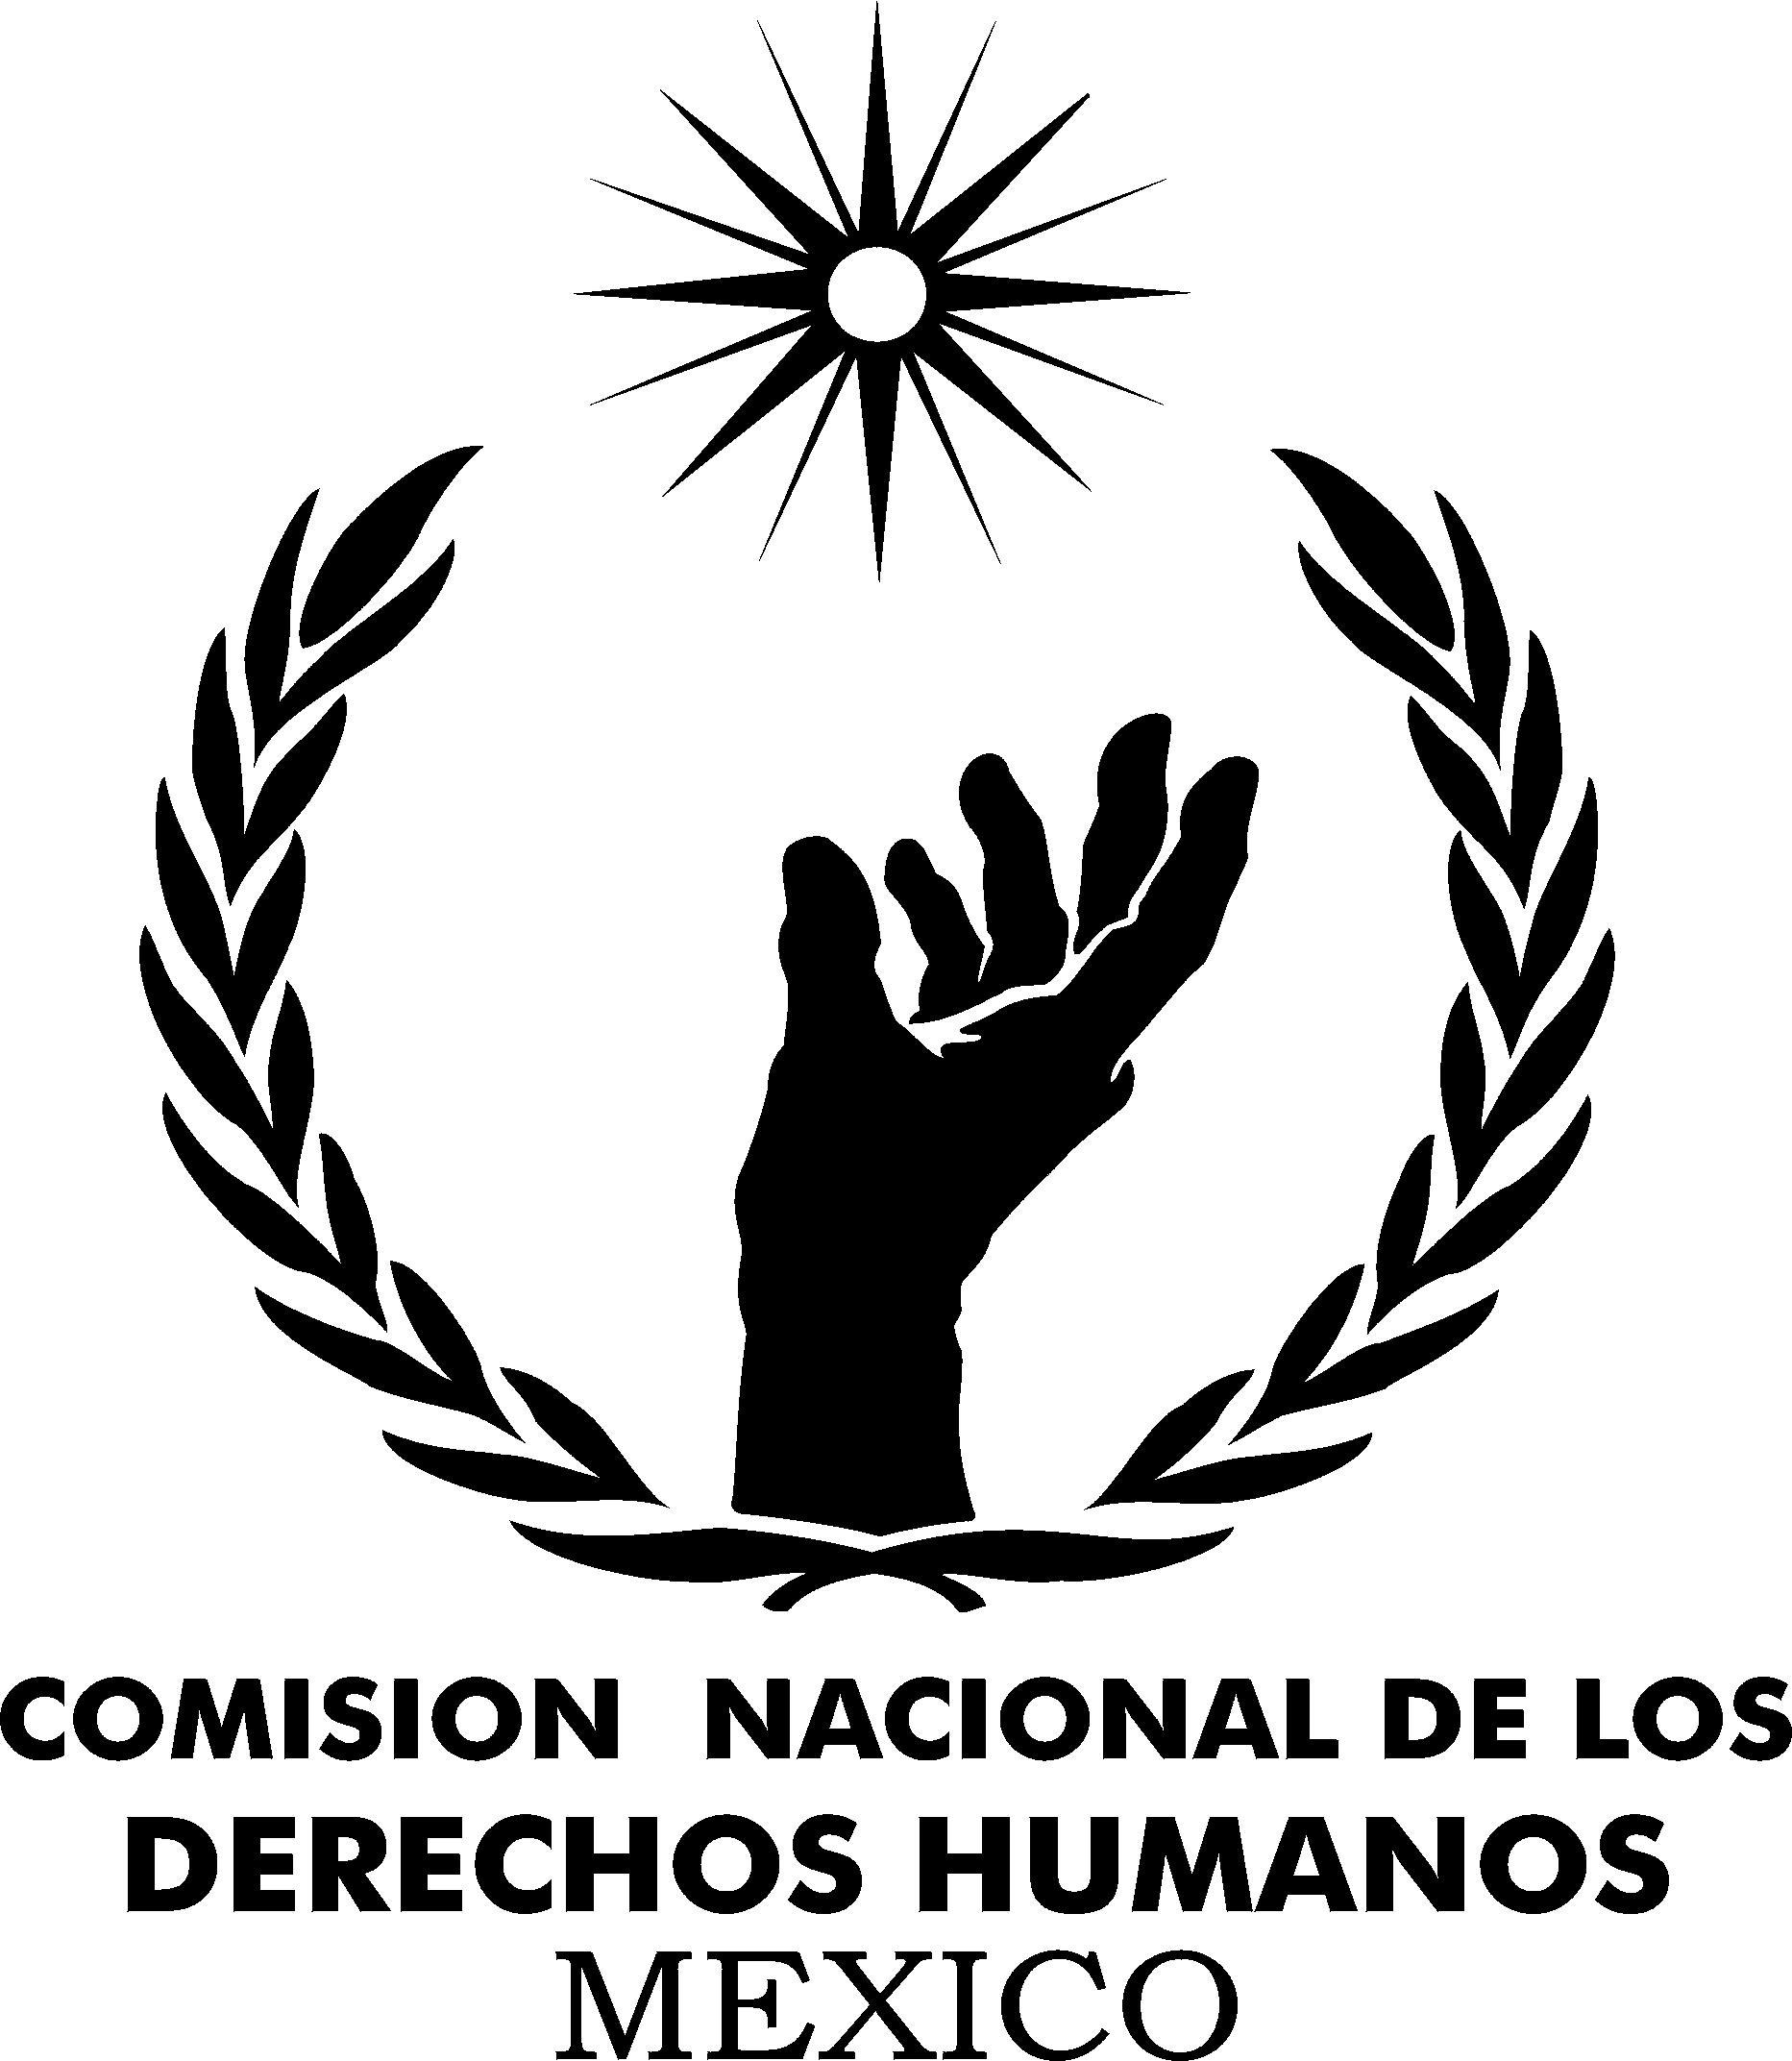 Días Inhábiles Comisión Nacional de los Derechos Humanos 2018